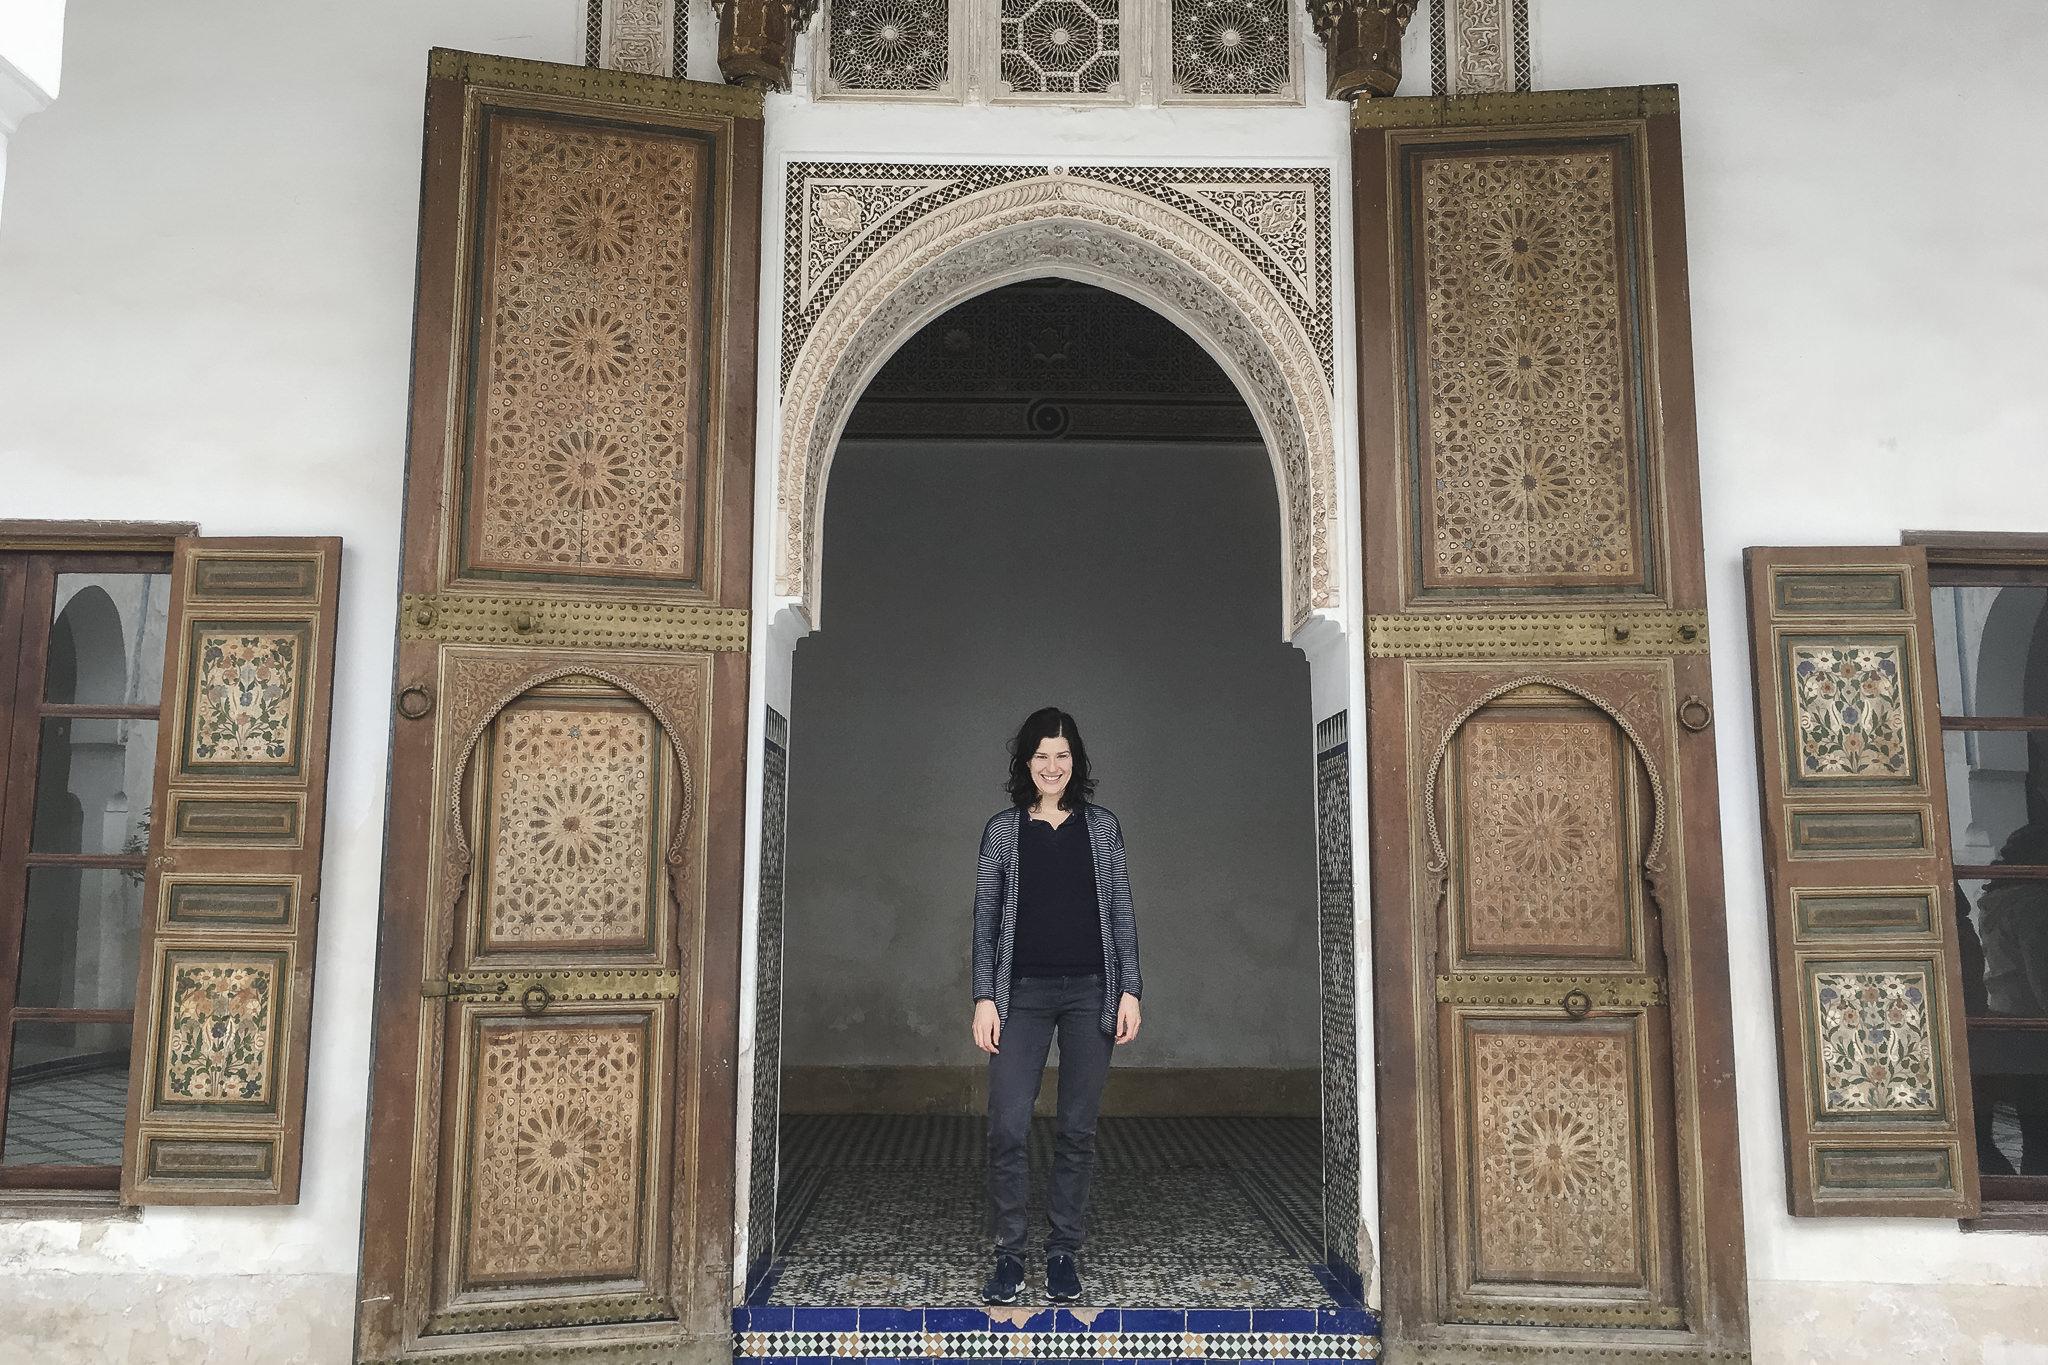 ich stehe in Marrakech vor einer alten orientalischen Tür